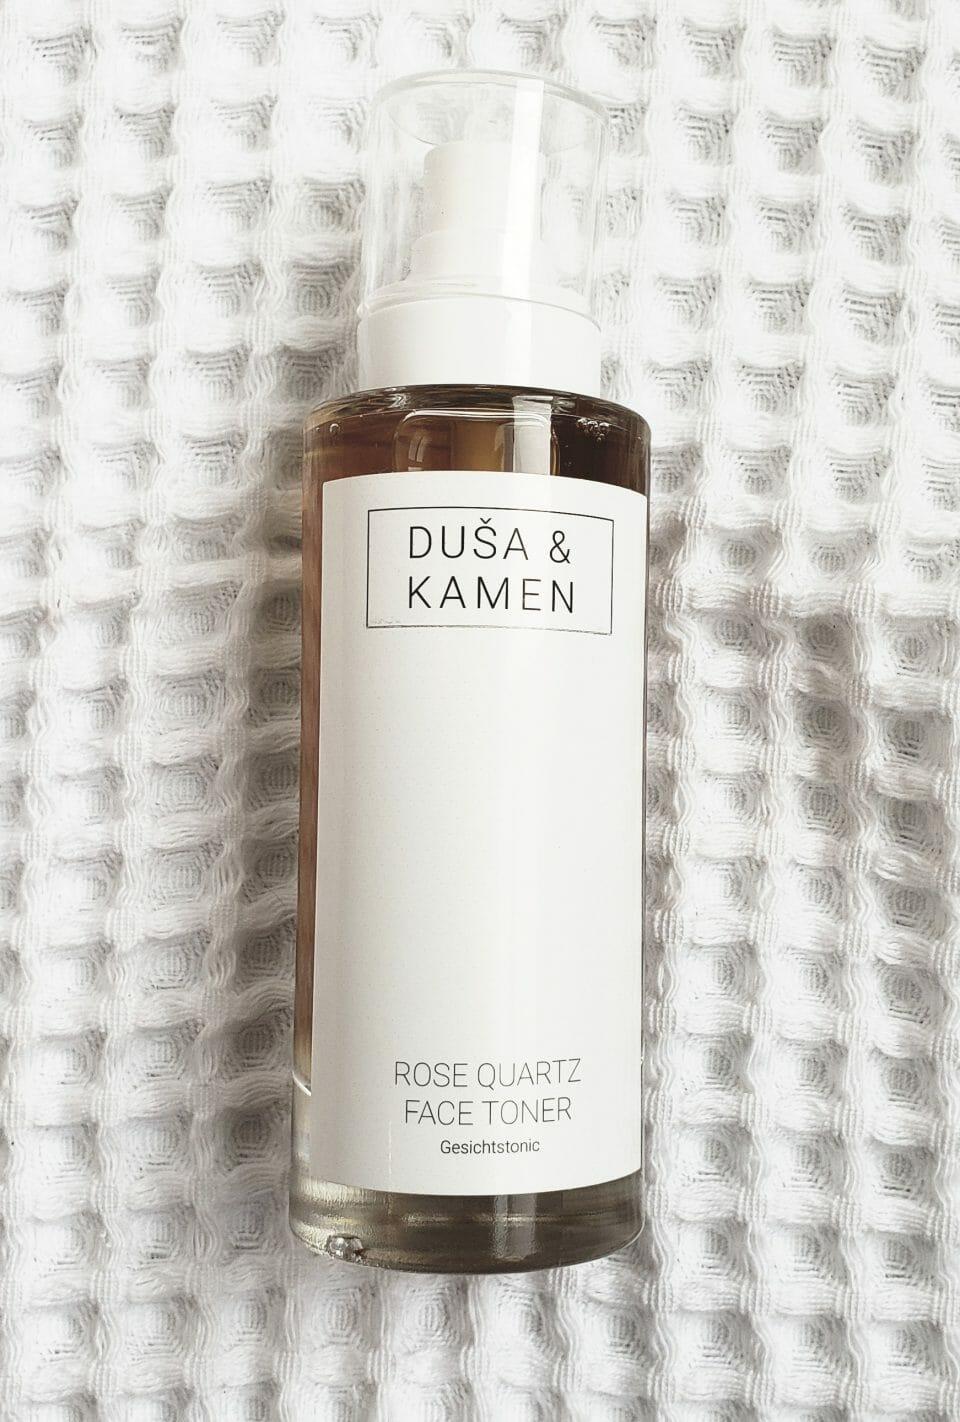 Dusa and Kamen Rose Quartz Facial Toner Review